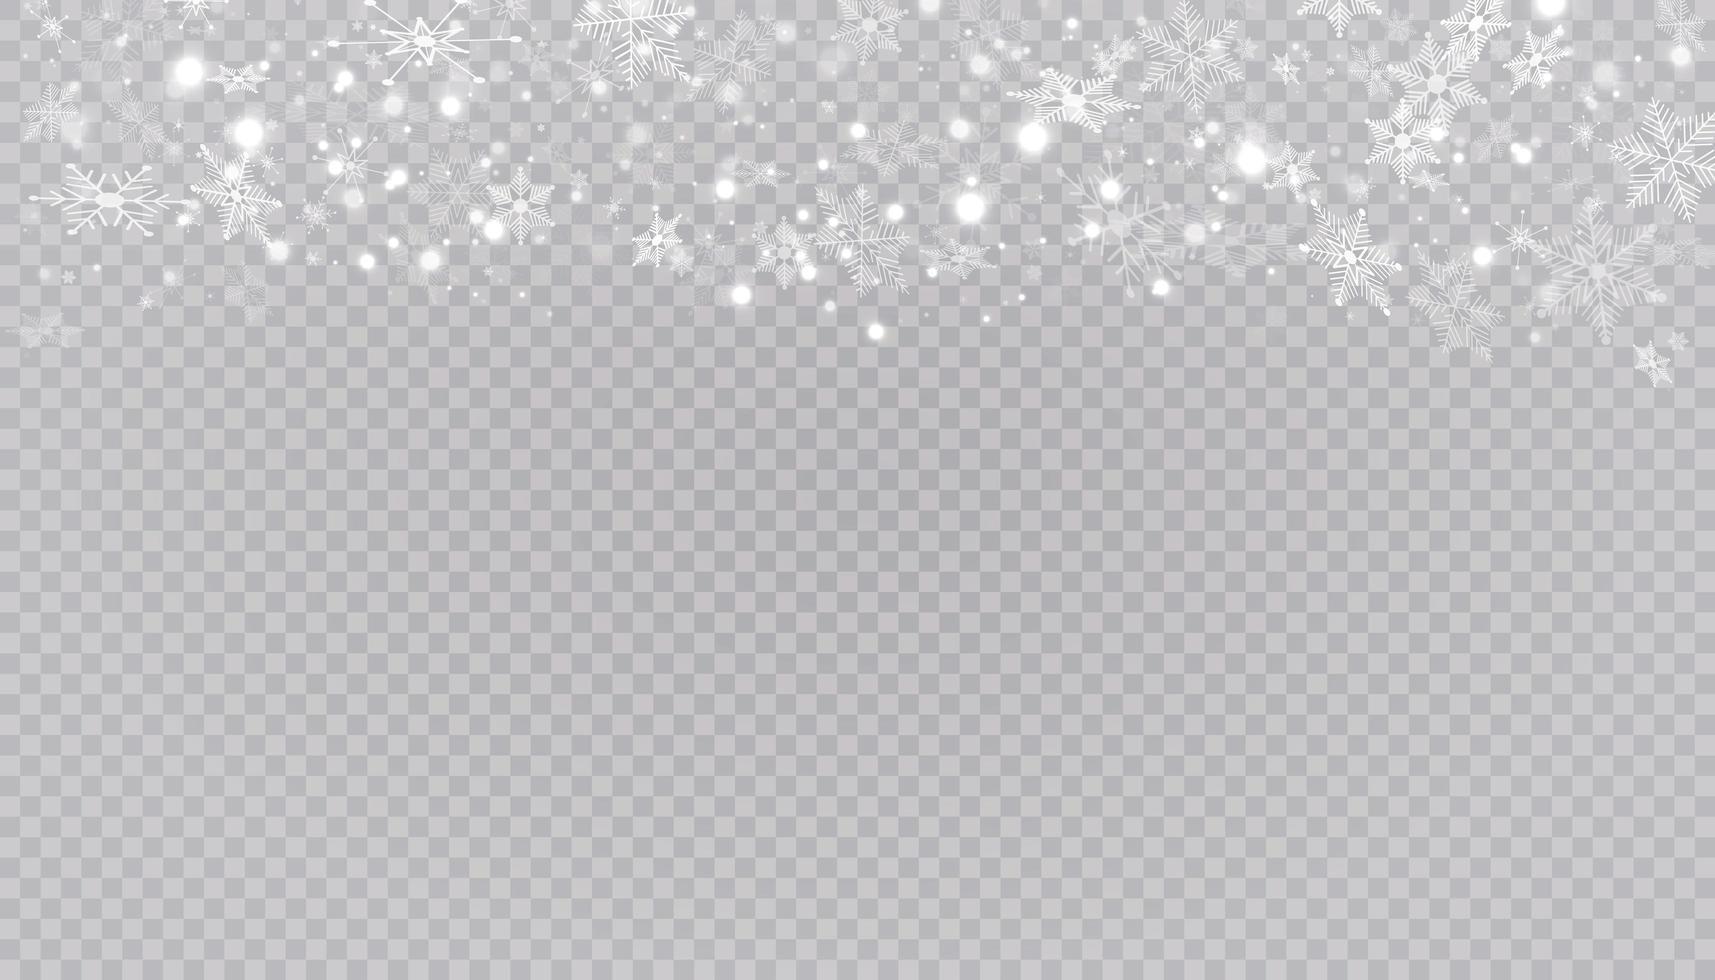 fiocchi di neve bianca sullo sfondo. vettore